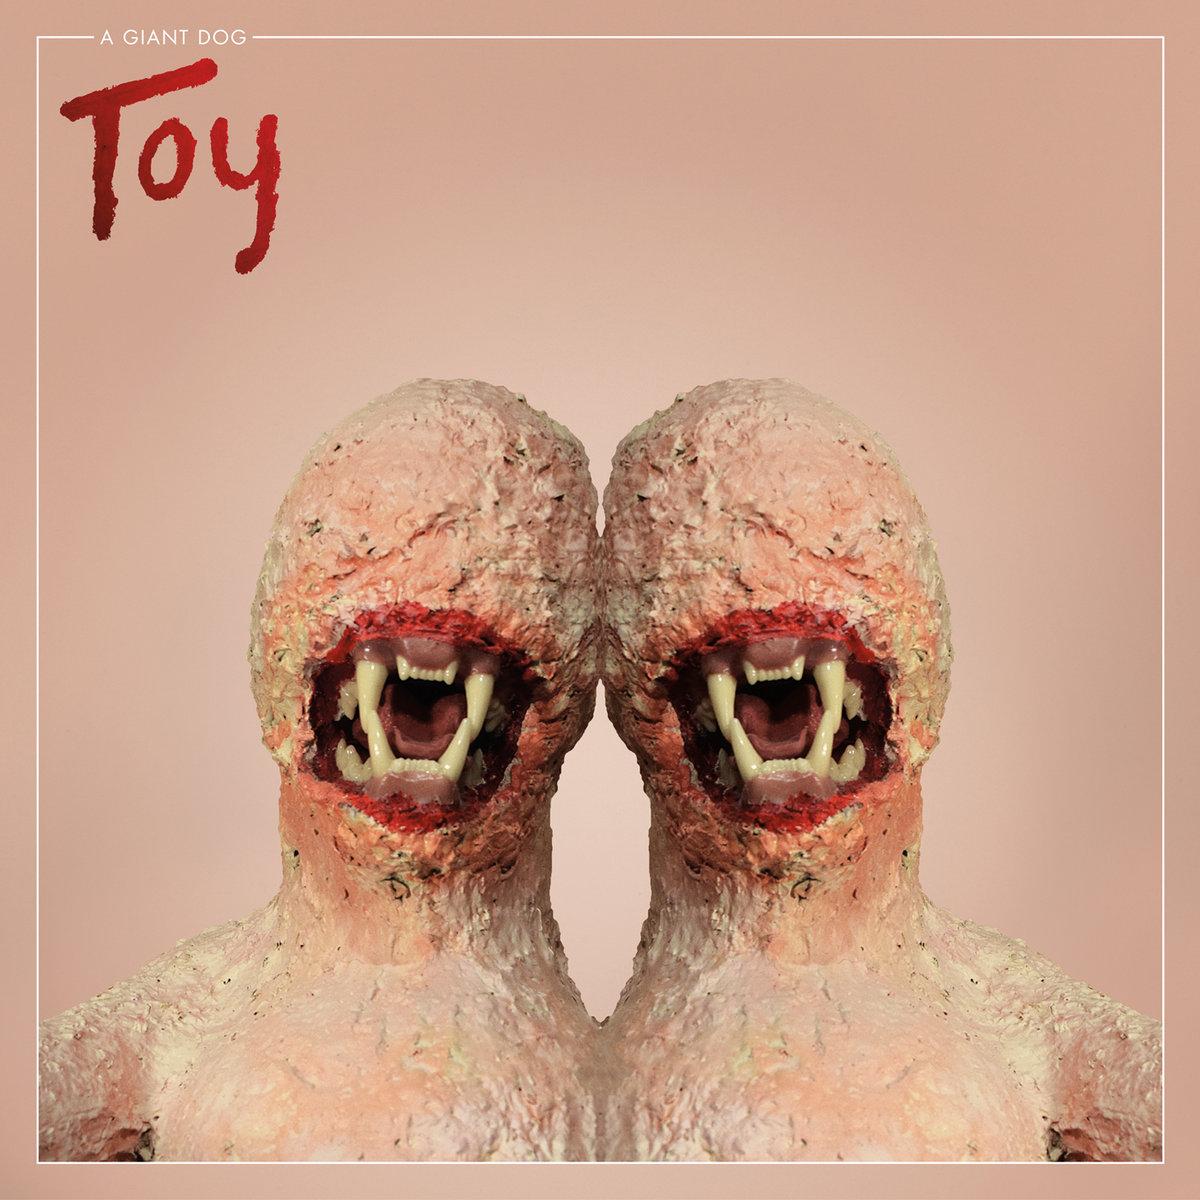 Resultado de imagen de a giant dog toy